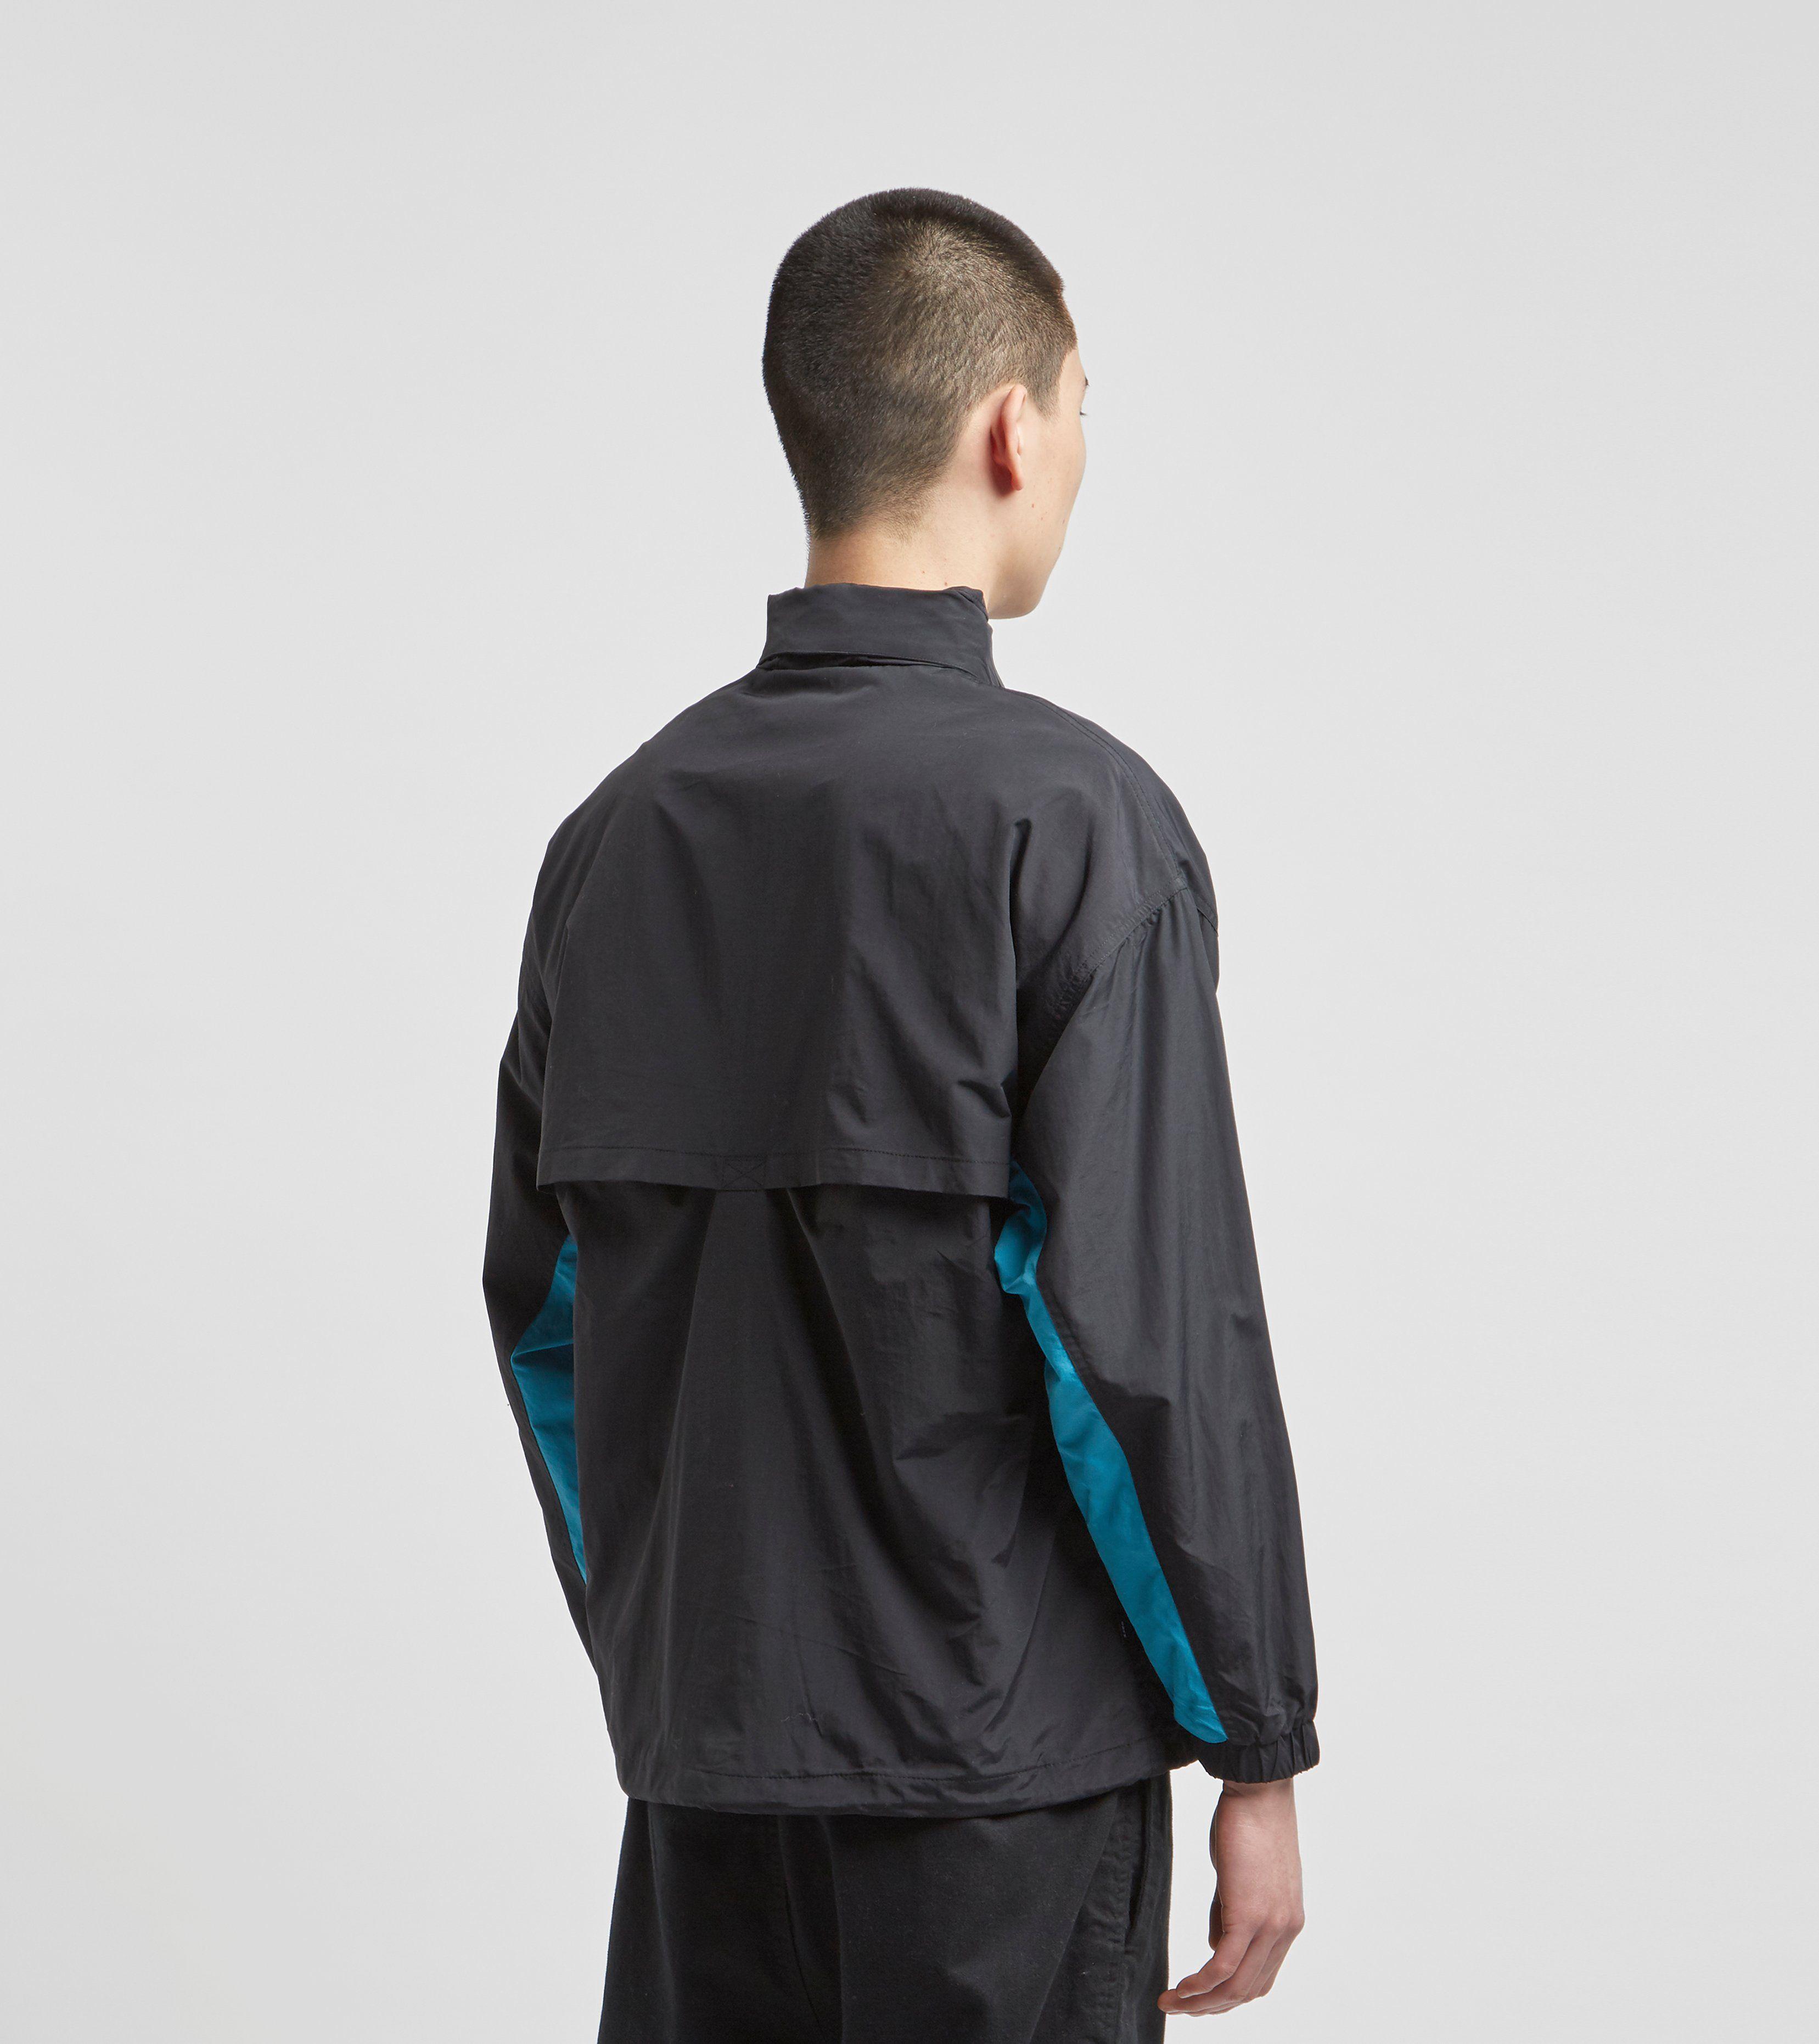 Obey Title Half-Zip Anorak Jacket